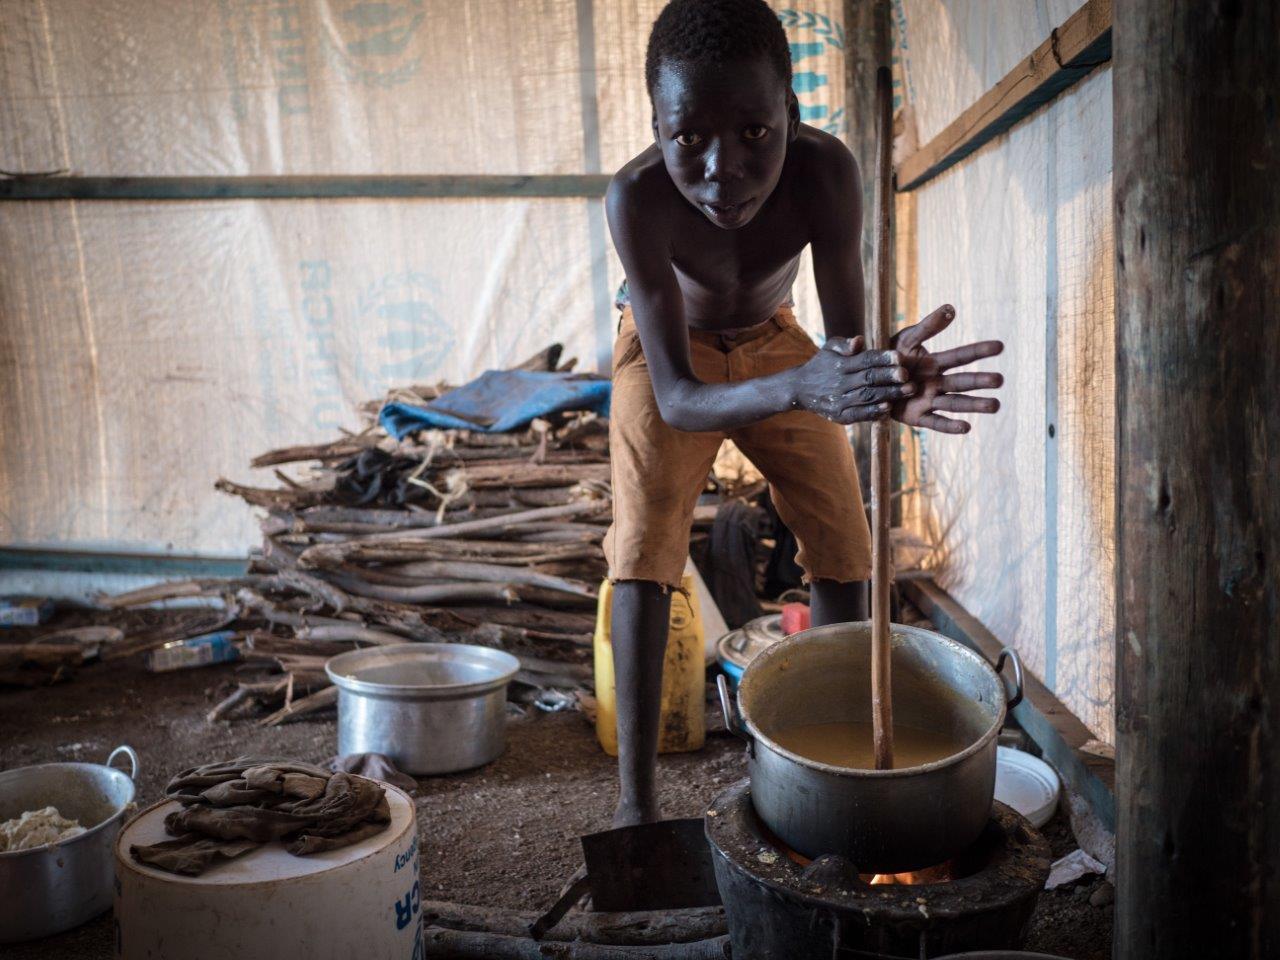 Flüchtlingsjunge aus dem Südsudan bereitet Maisbrei zu (Credit: Aktion Deutschland Hilft /Roland Brockmann)